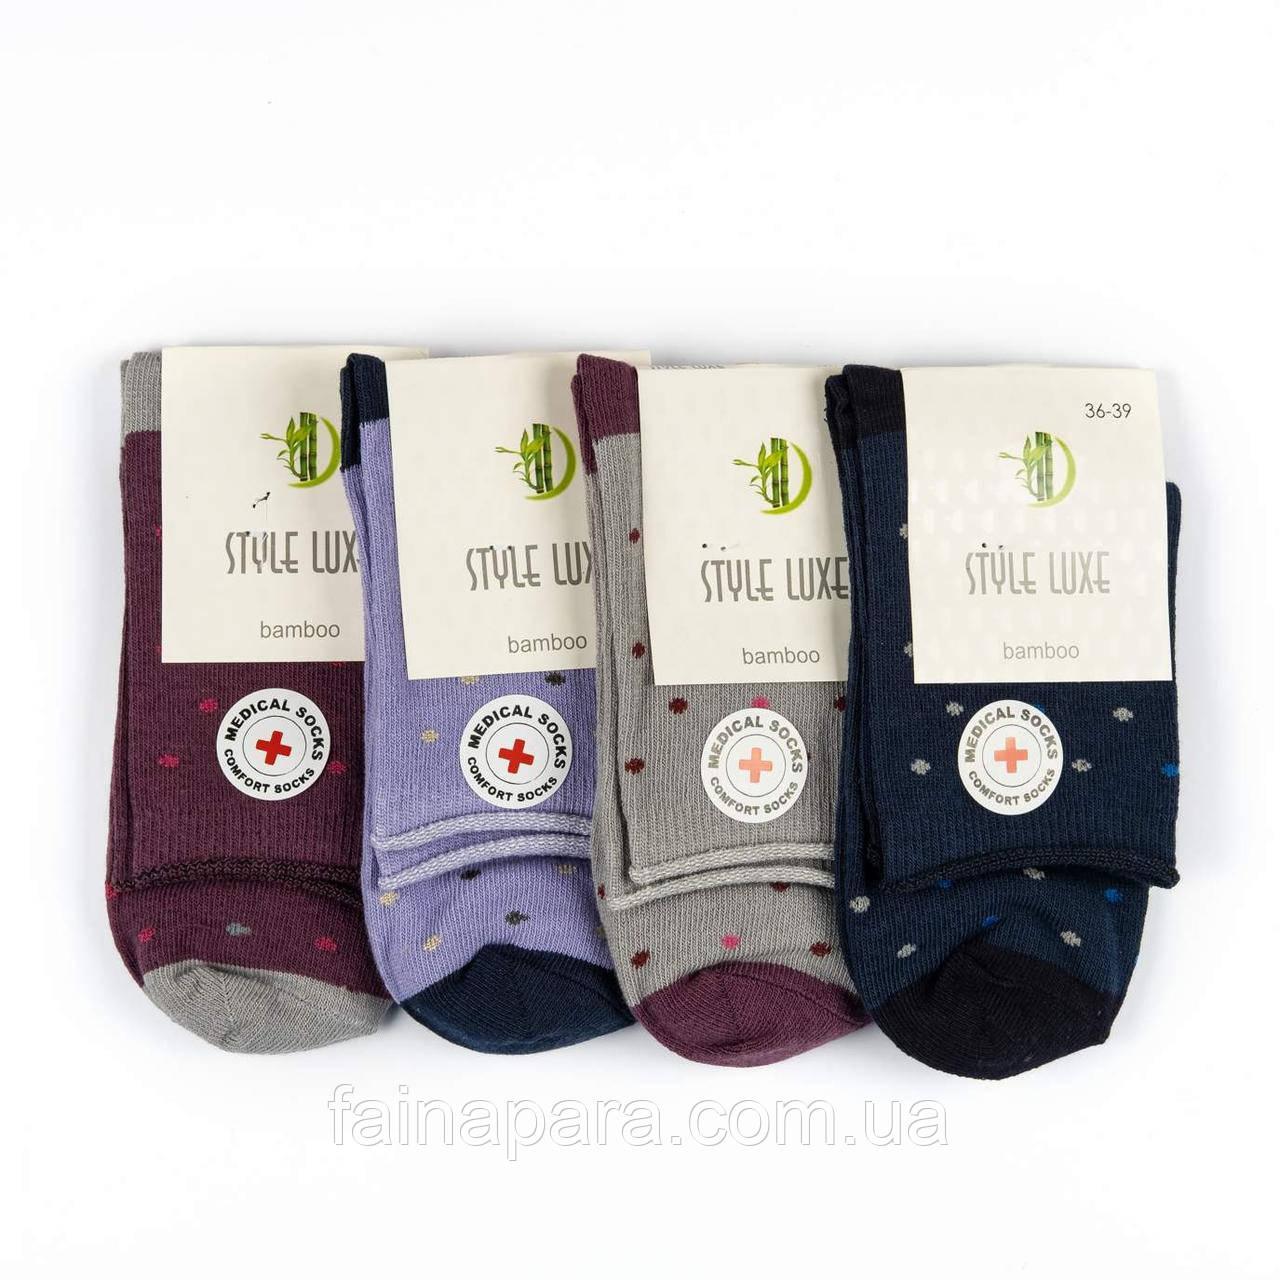 Медицинские женские носки с ослабленной резинкой